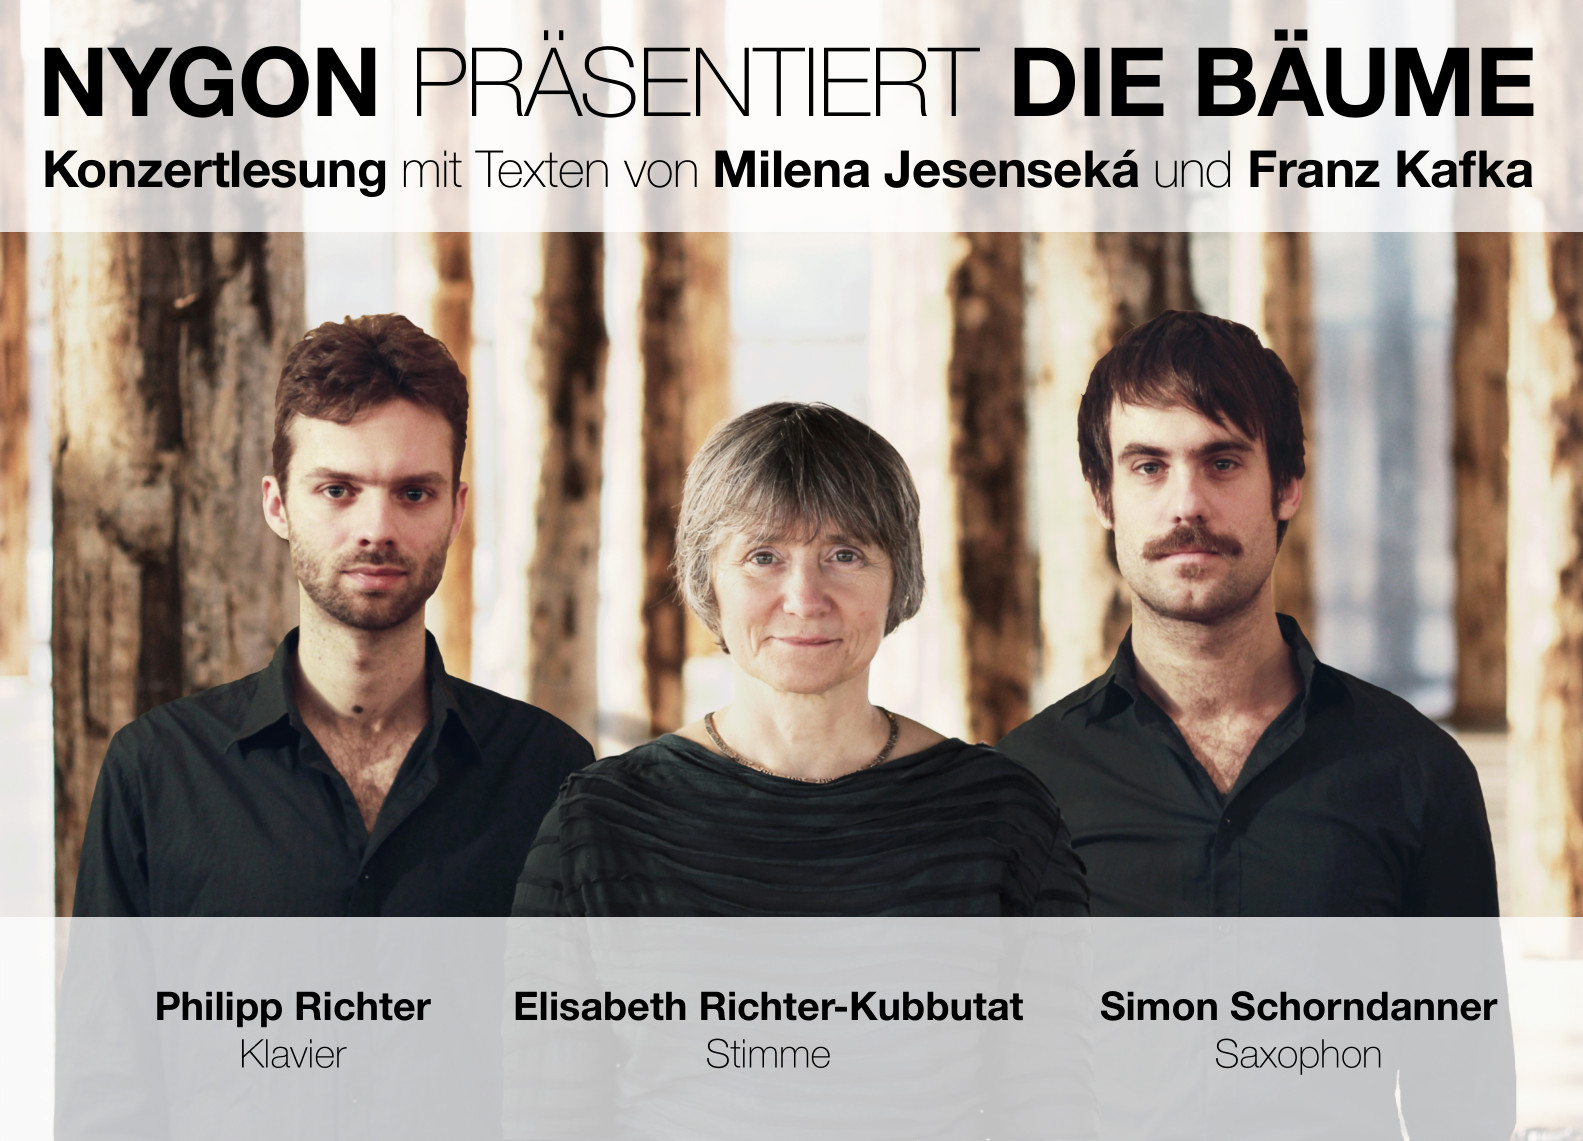 NYGON präsentert »Die Bäume« - Konzertlesung mit Texten von Franz Kafka und Milena Jesenská